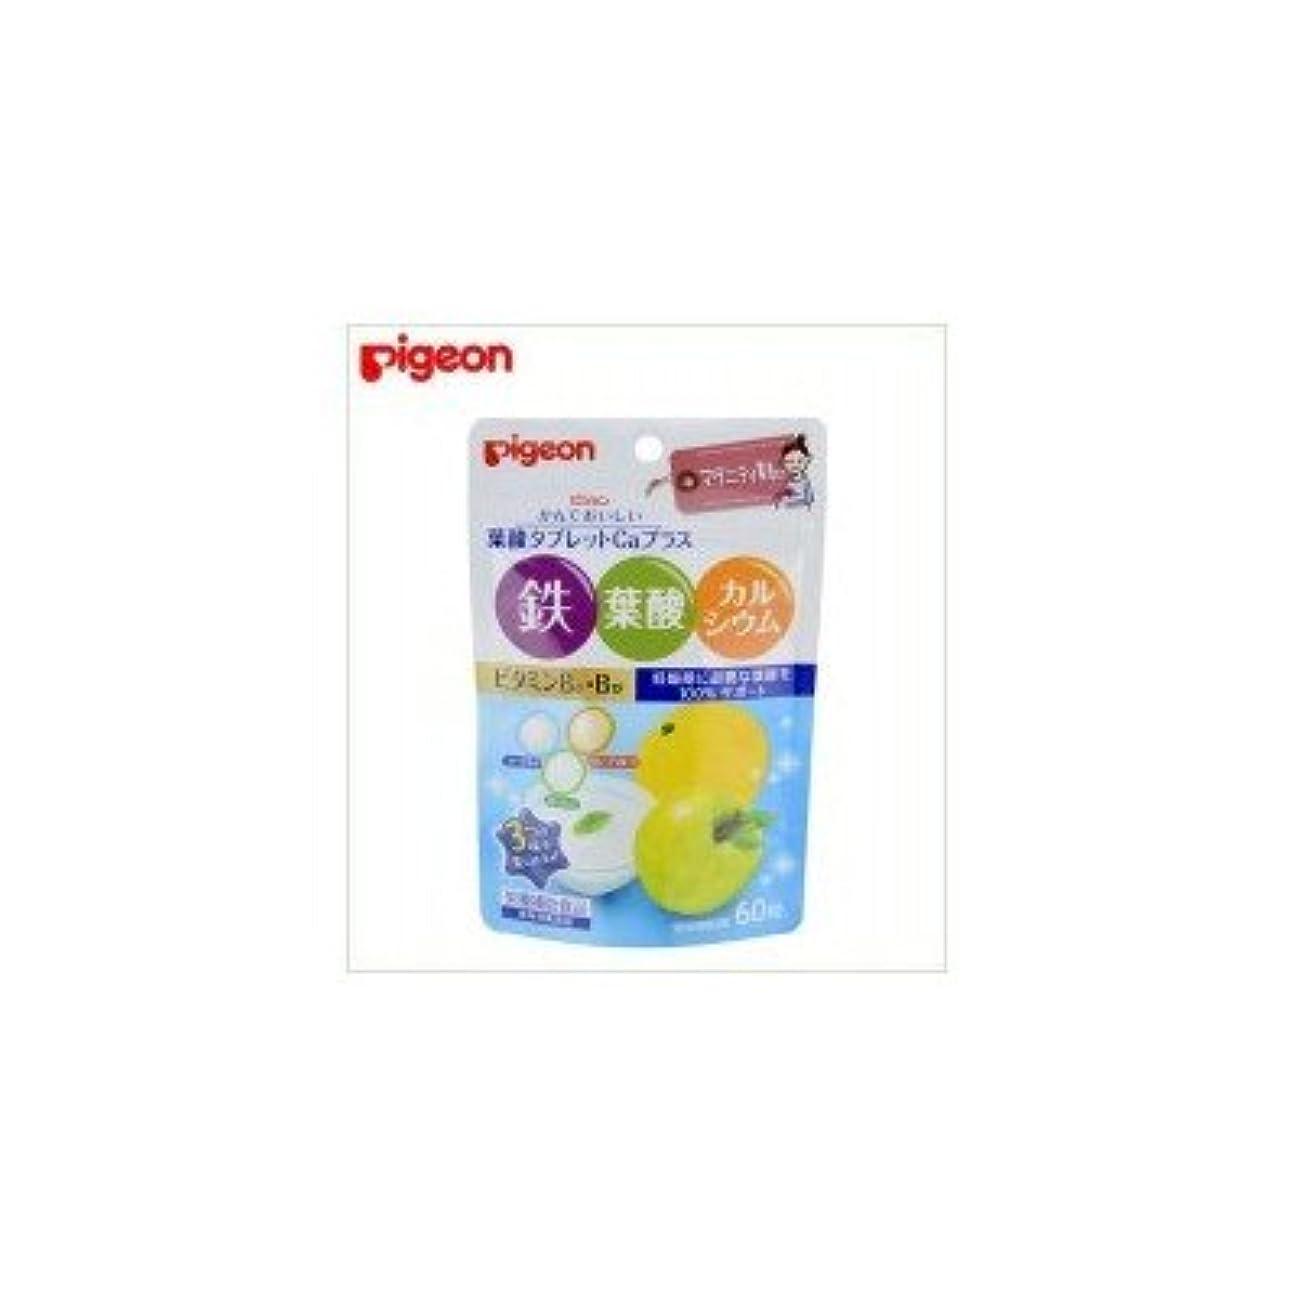 レガシーペダル熟達したPigeon(ピジョン) サプリメント 栄養補助食品 かんでおいしい葉酸タブレット Caプラス 60粒 20446